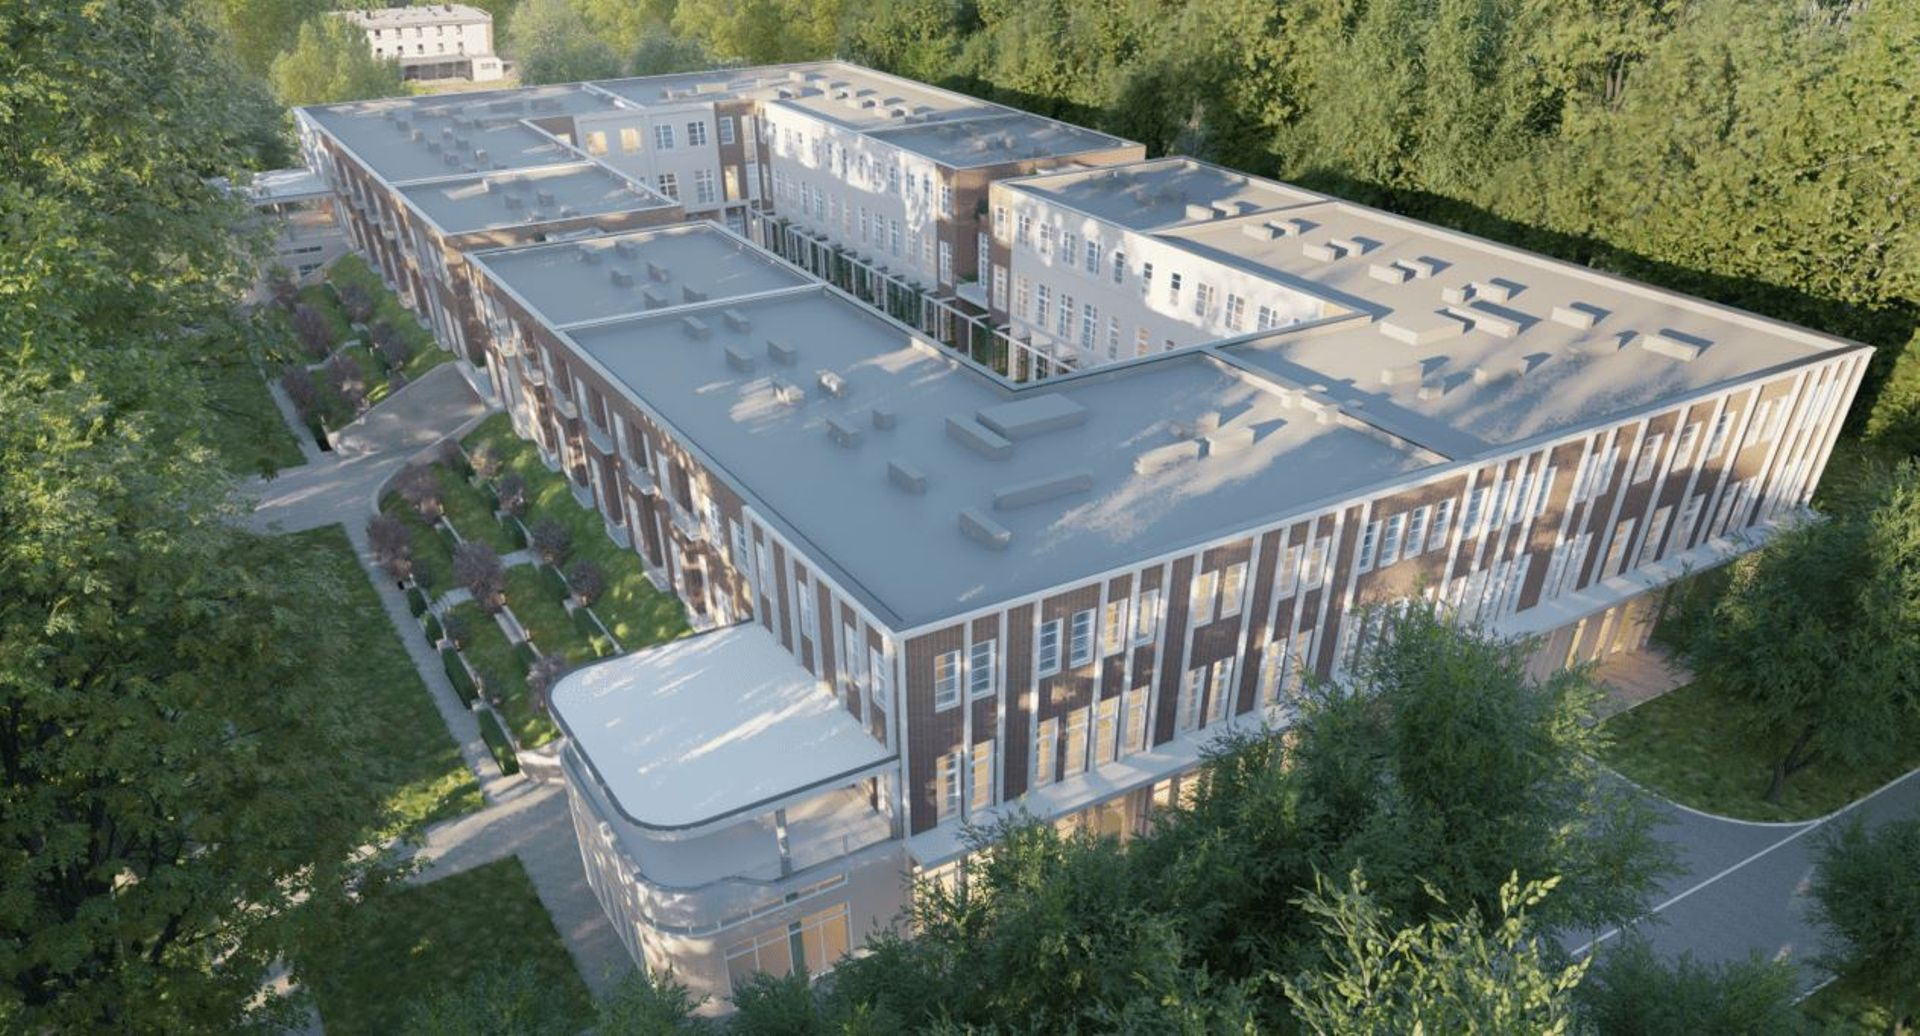 Rozpoczęła się budowa kontrowersyjnego budynku w miejscu dawnego Basenu Olimpijskiego we Wrocławiu [ZDJĘCIA + WIZUALIZACJE]